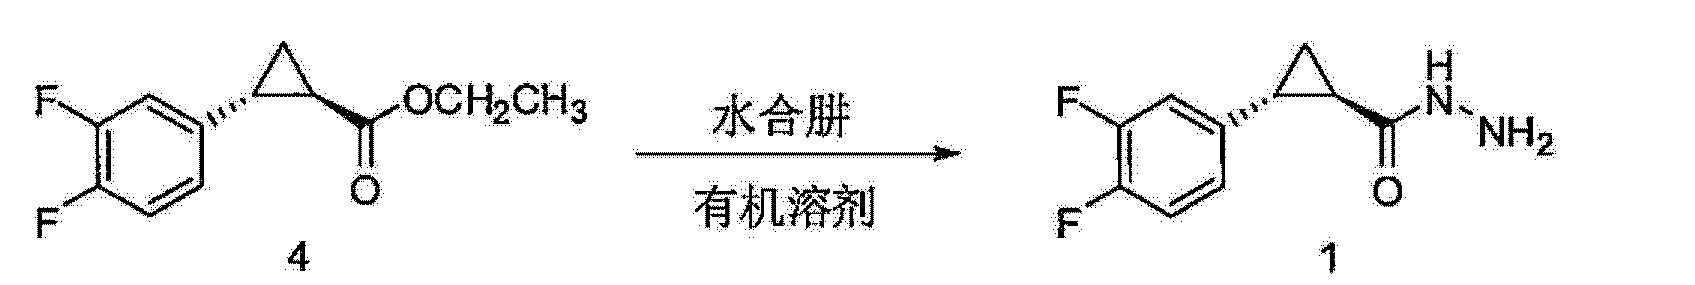 Figure CN103588674BD00053